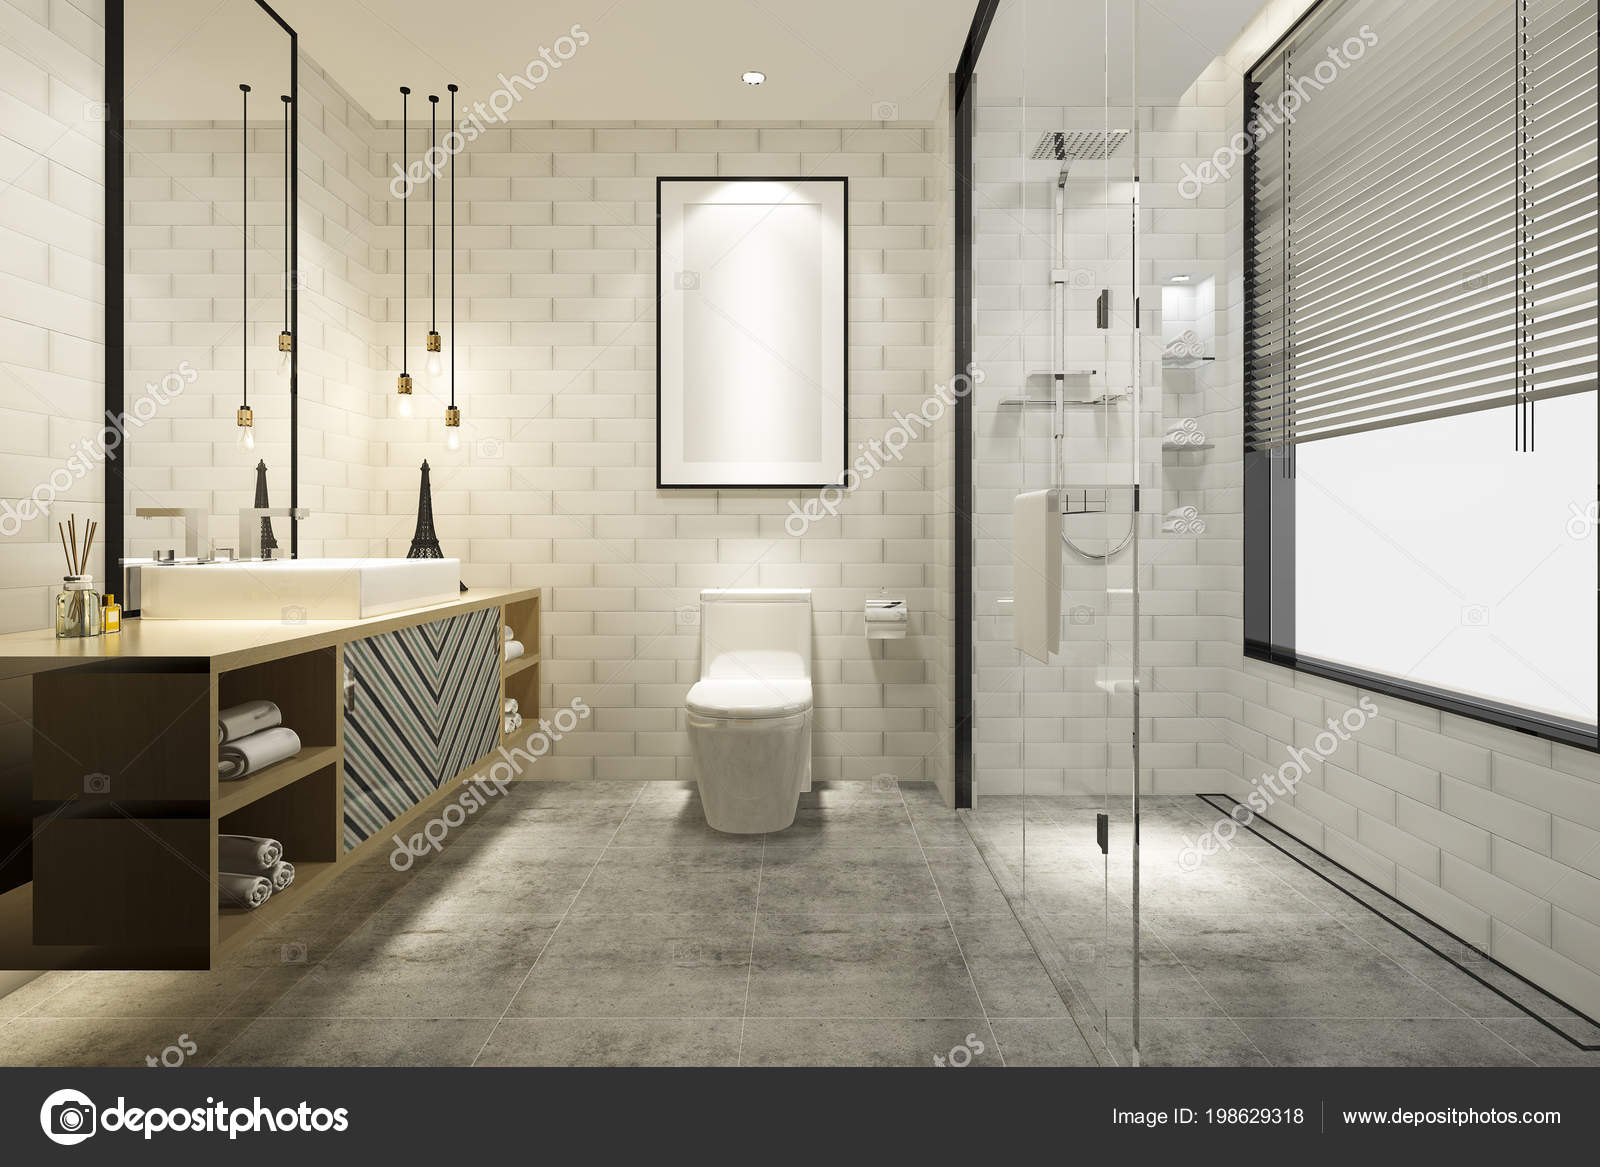 Render Moderno Cuarto Baño Con Lujo Del Azulejo Decoración — Foto de ...